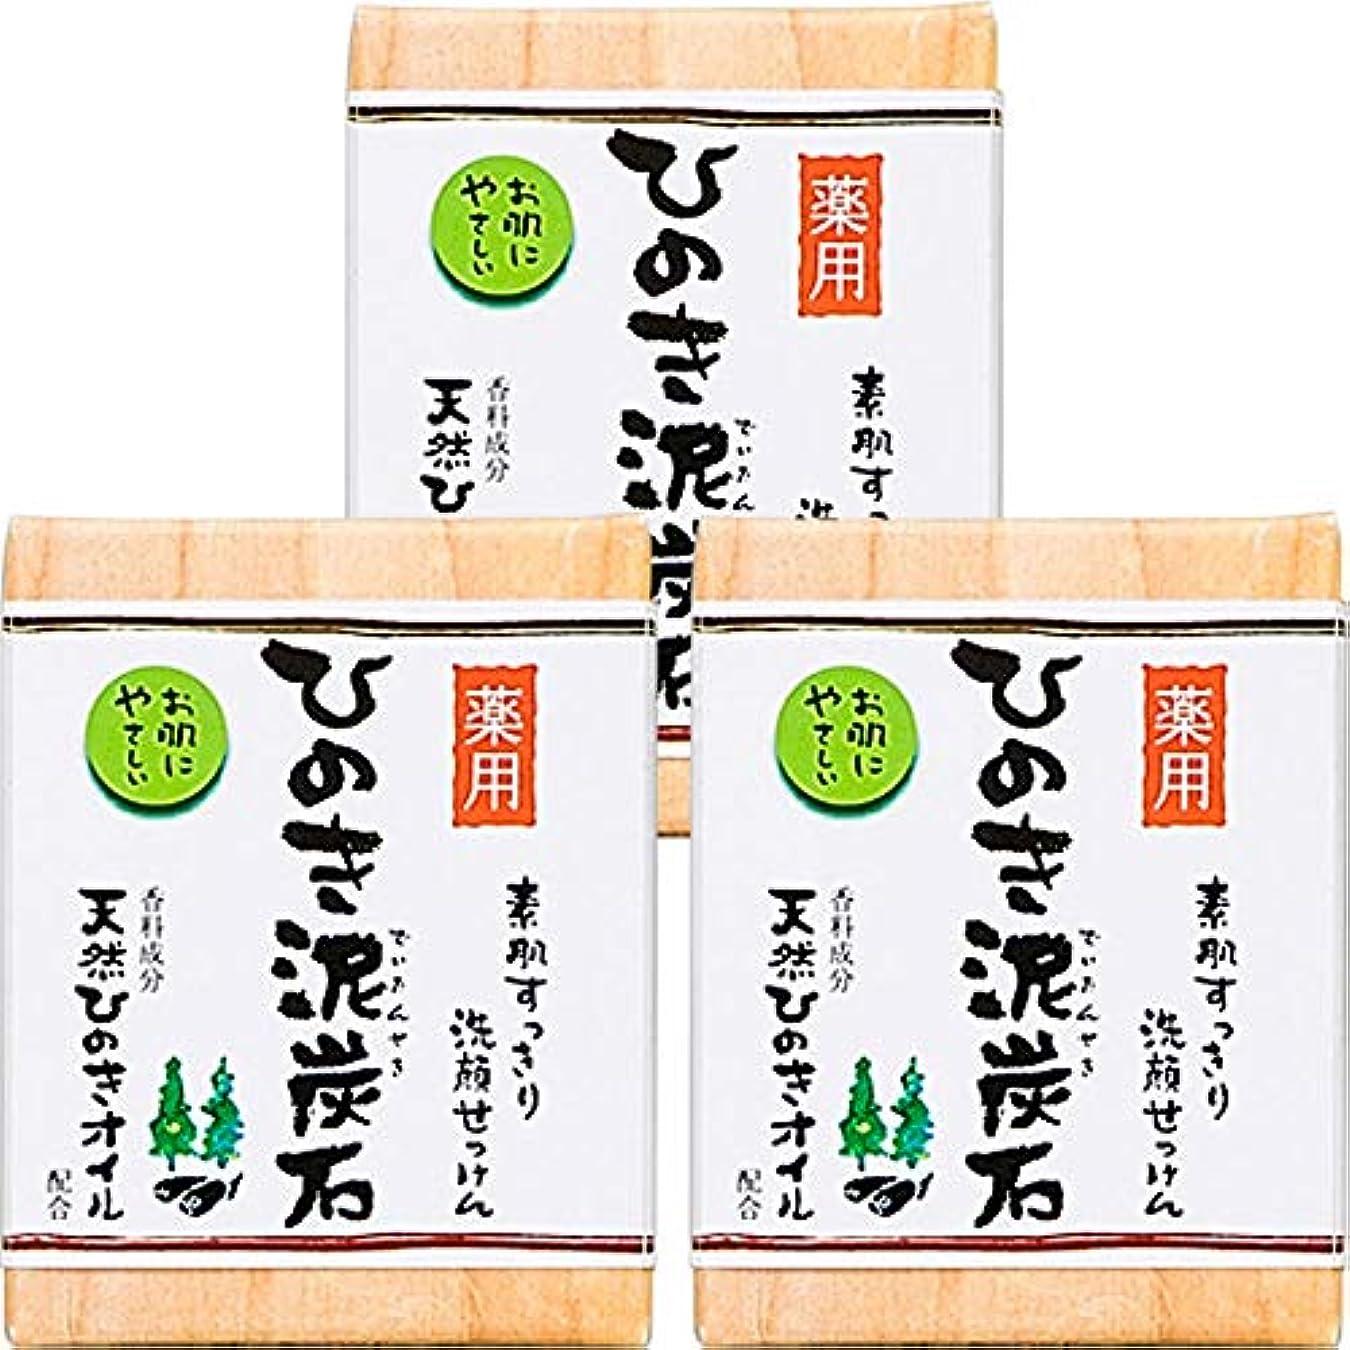 雄大な故国用量薬用 ひのき泥炭石 (75g×3個) 洗顔 石けん [天然ひのきオイル配合] 肌荒れ防止